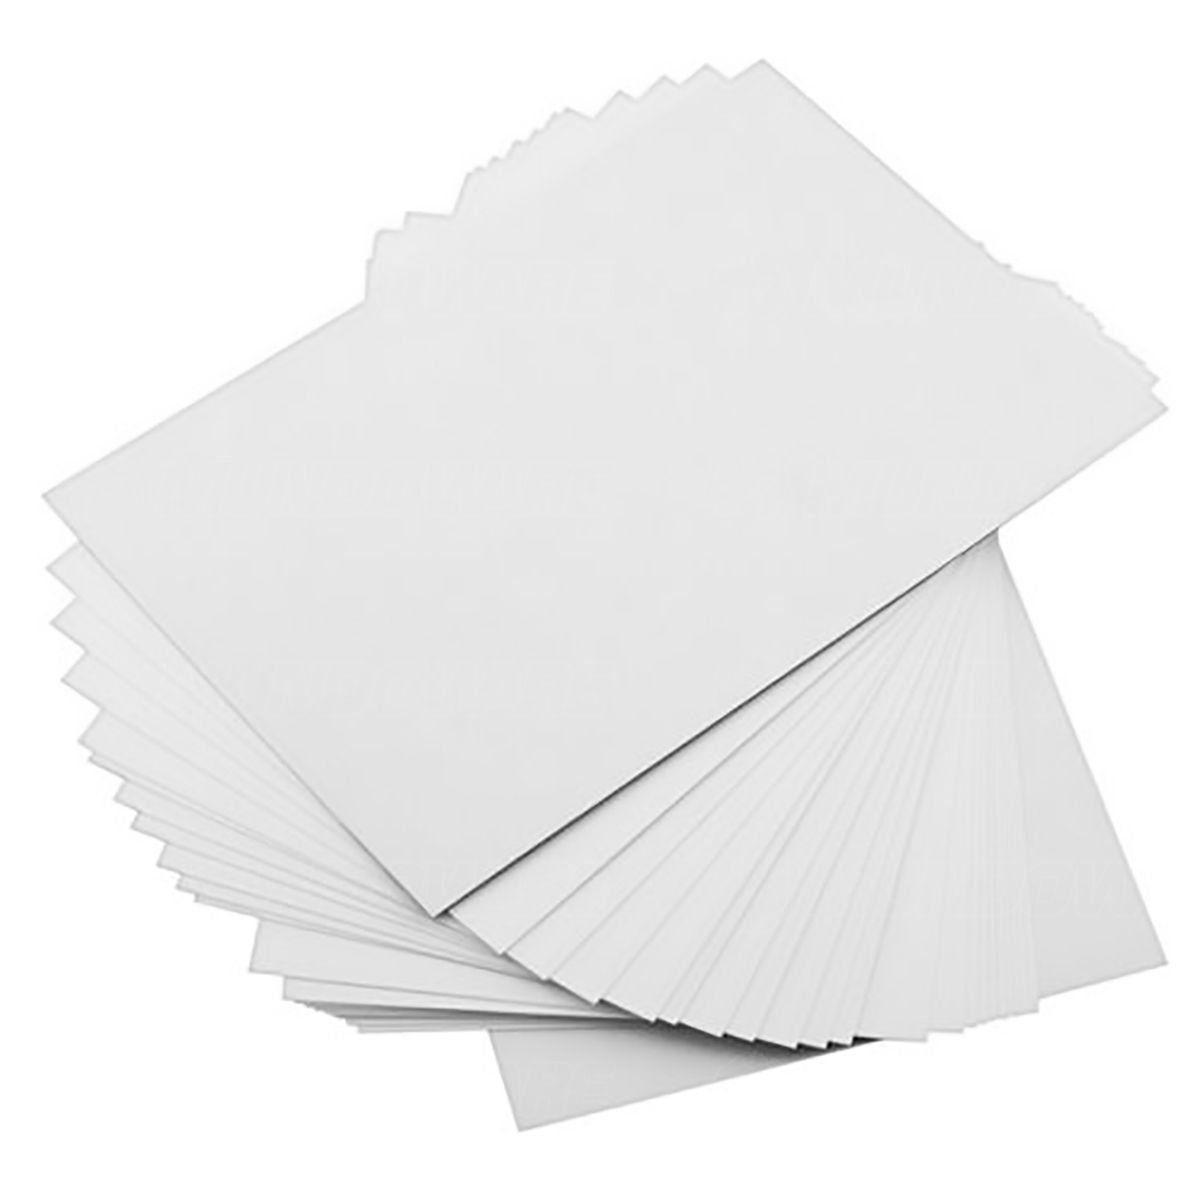 Papel Foto Matte Fosco 170g A4 Branco Sem Brilho Resistente à Água / 500 Folhas